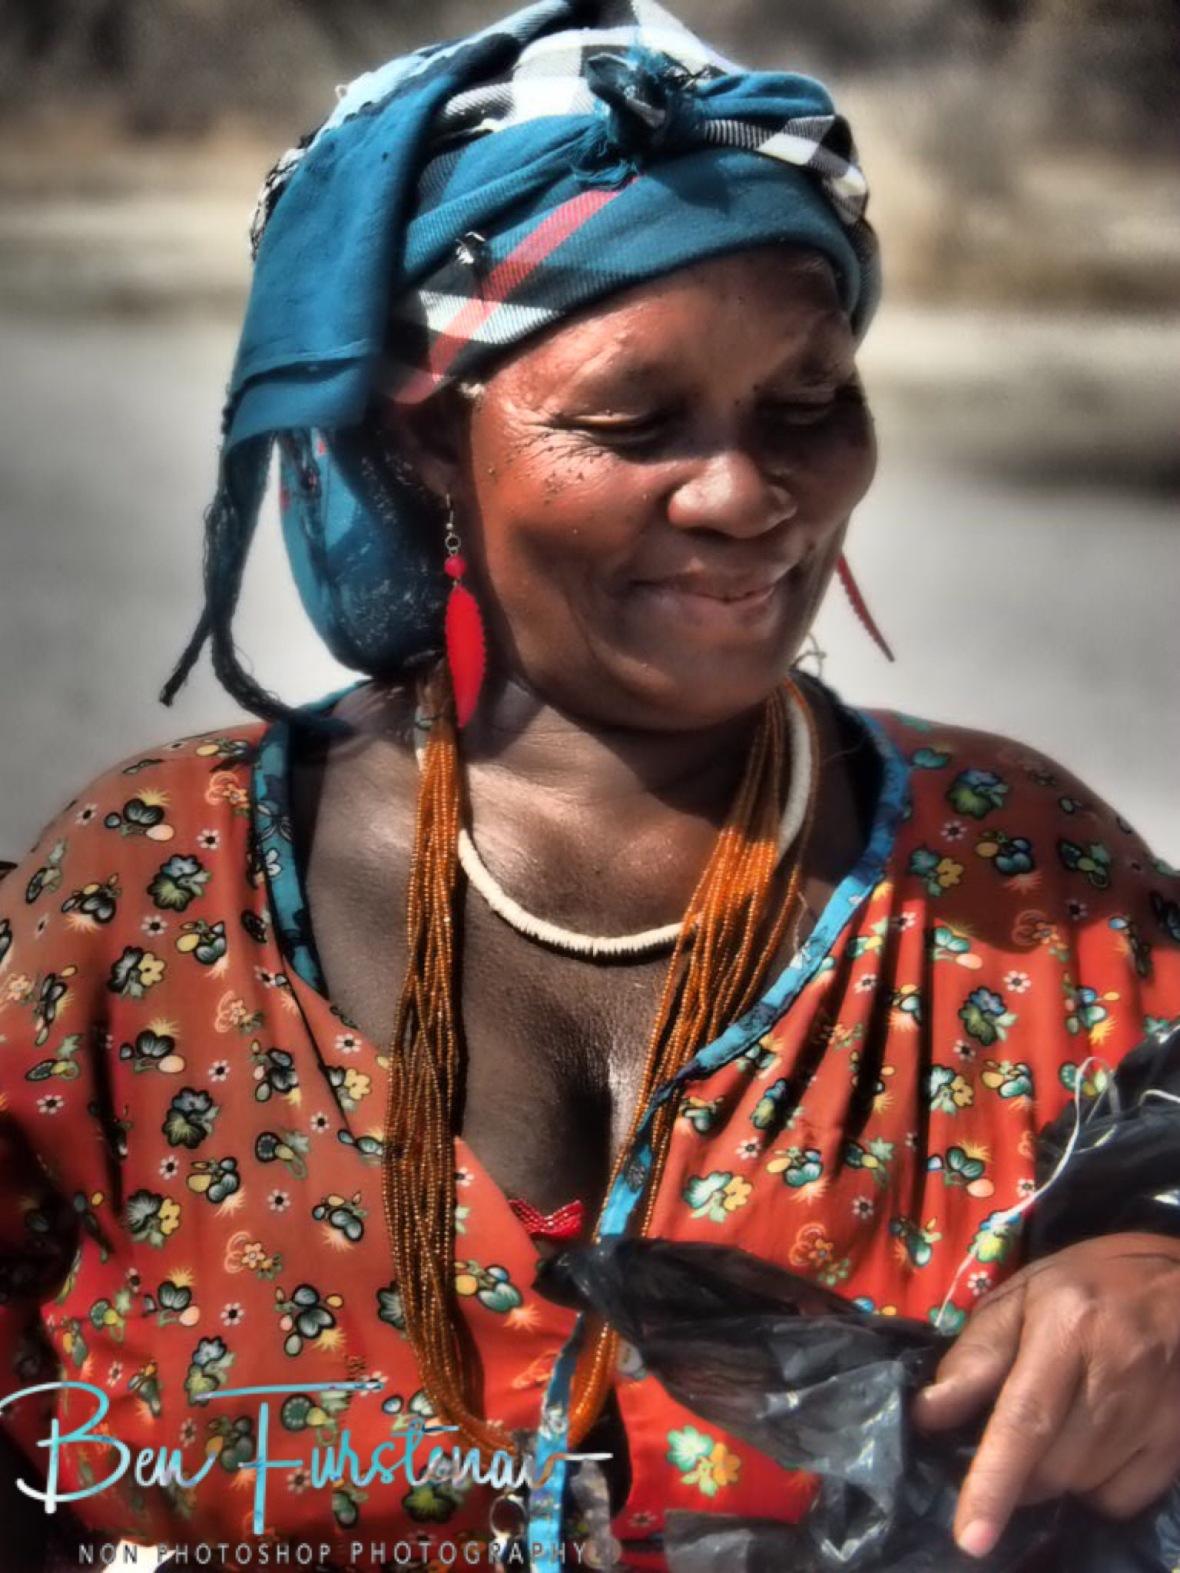 Selling jewellery, Kalahari desert, Botswana